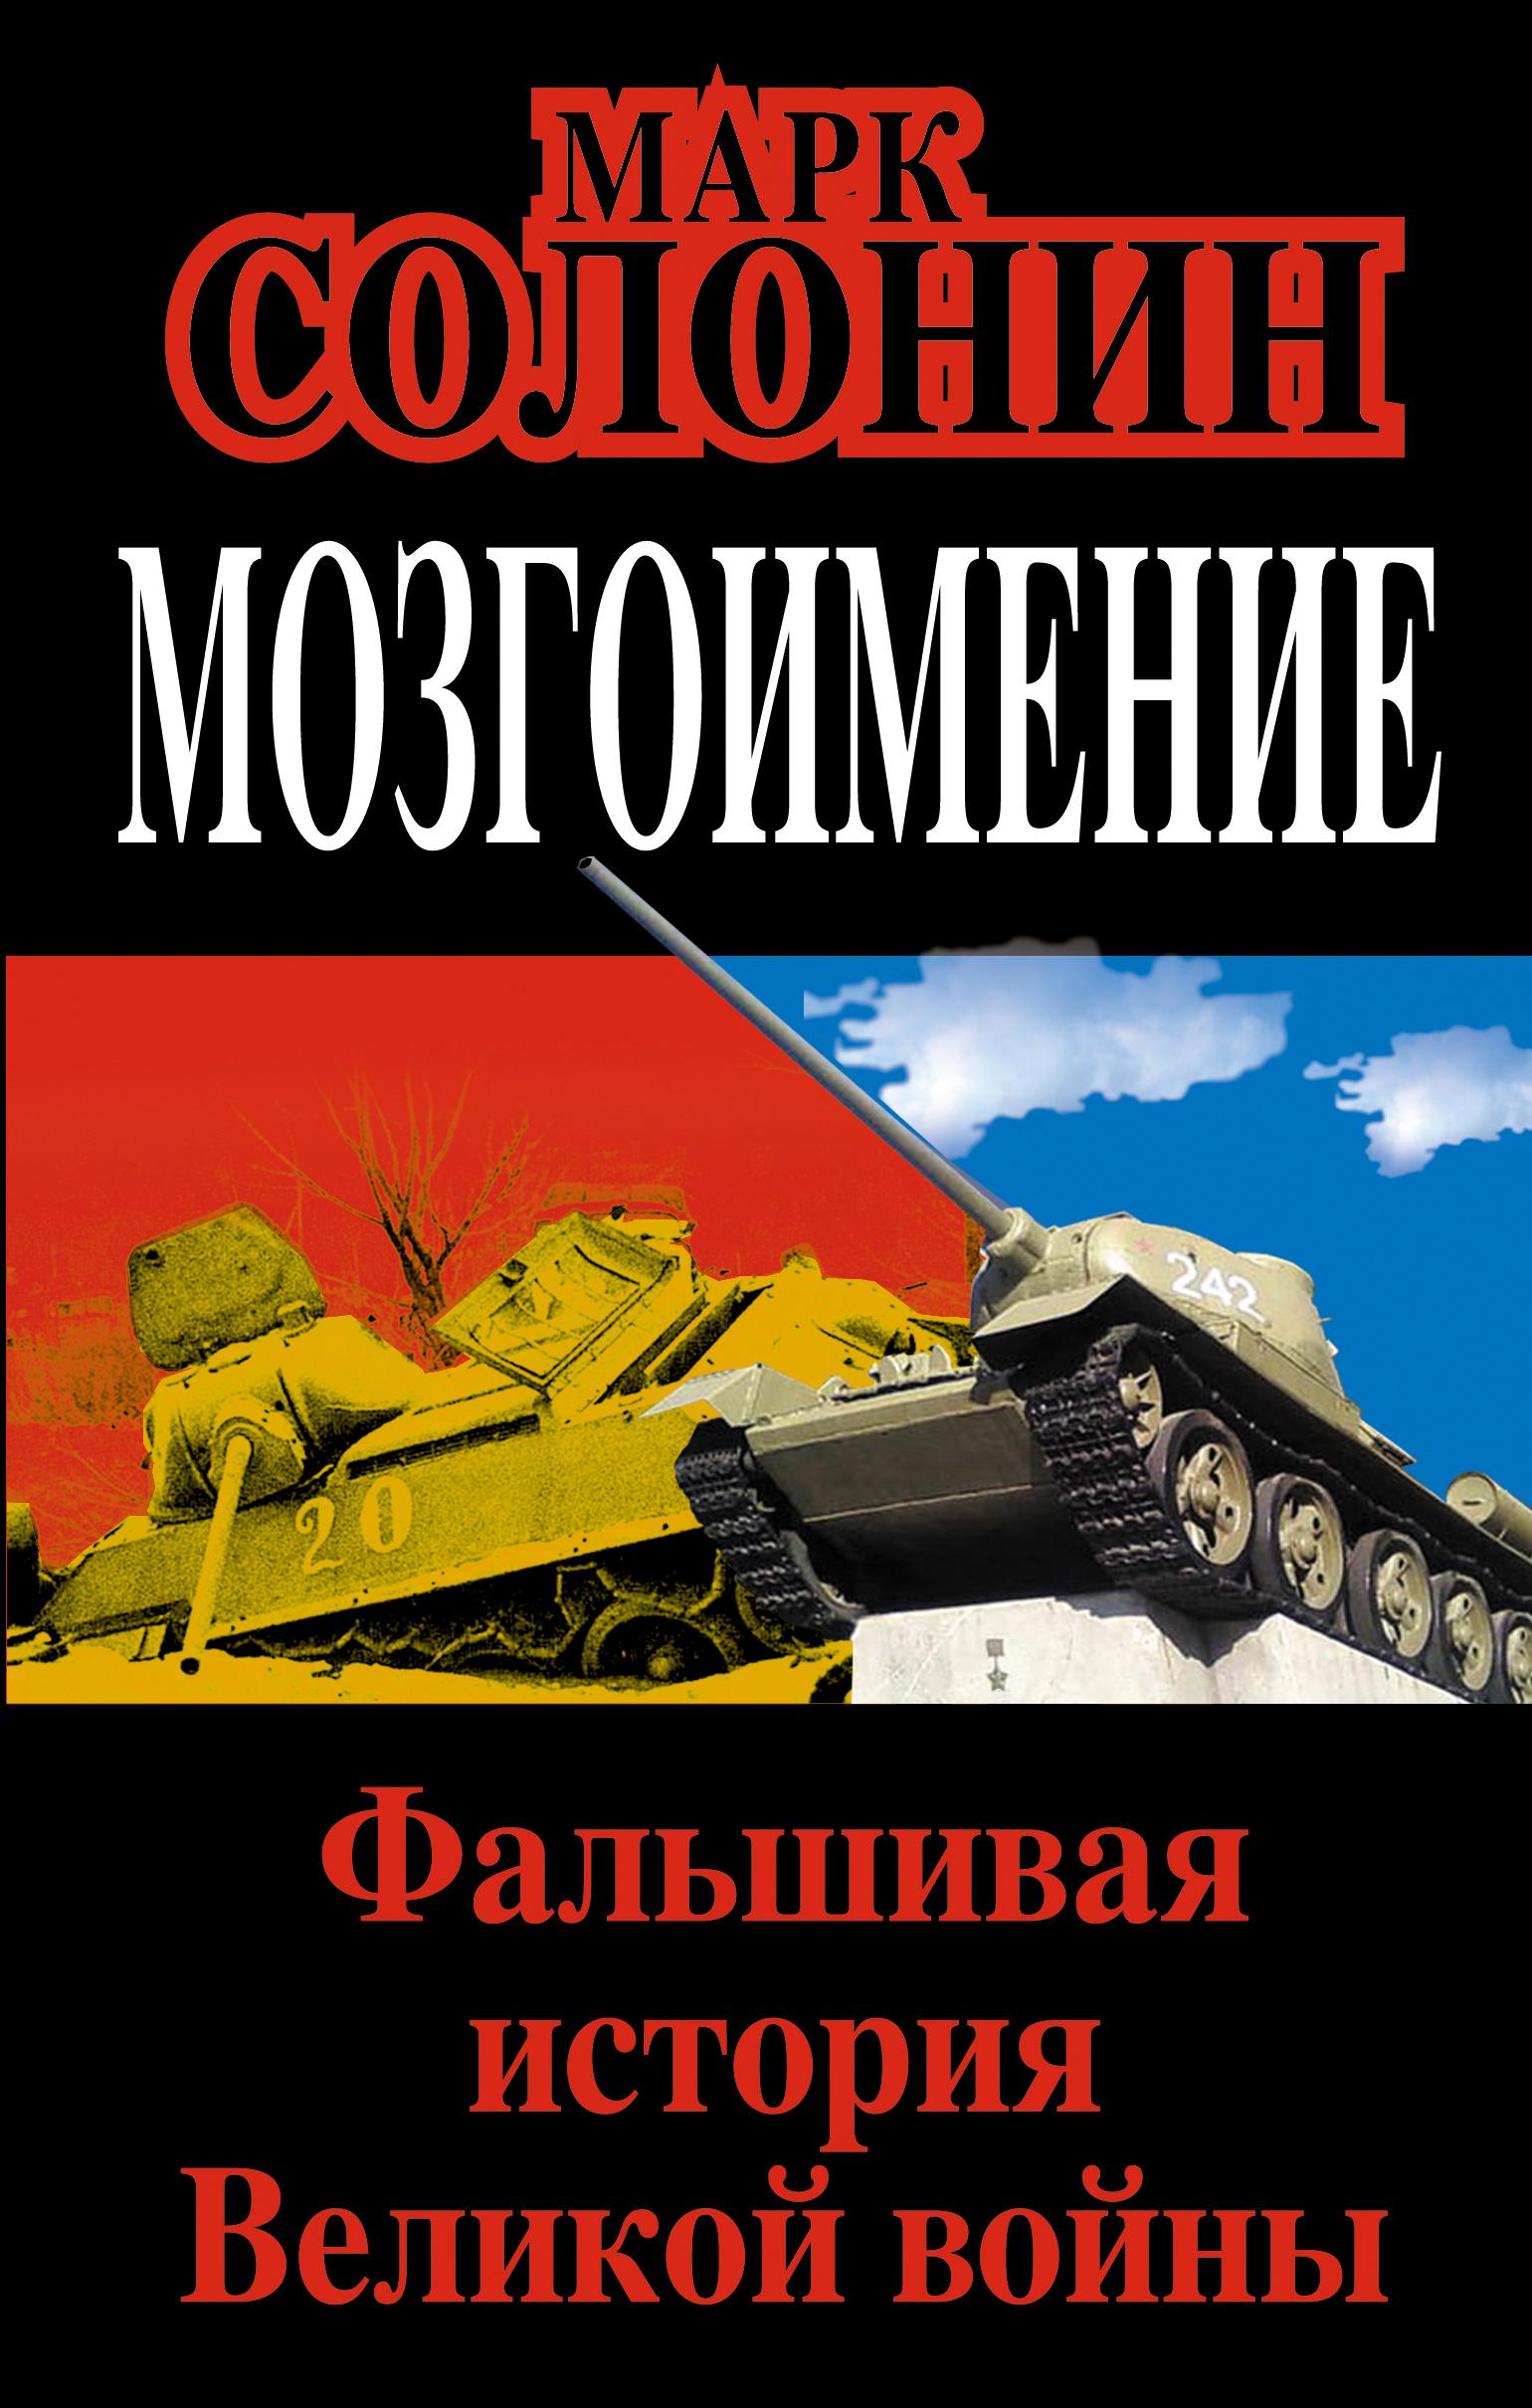 Мозгоимение. Фальшивая история Великой войны ( Солонин М.С.  )